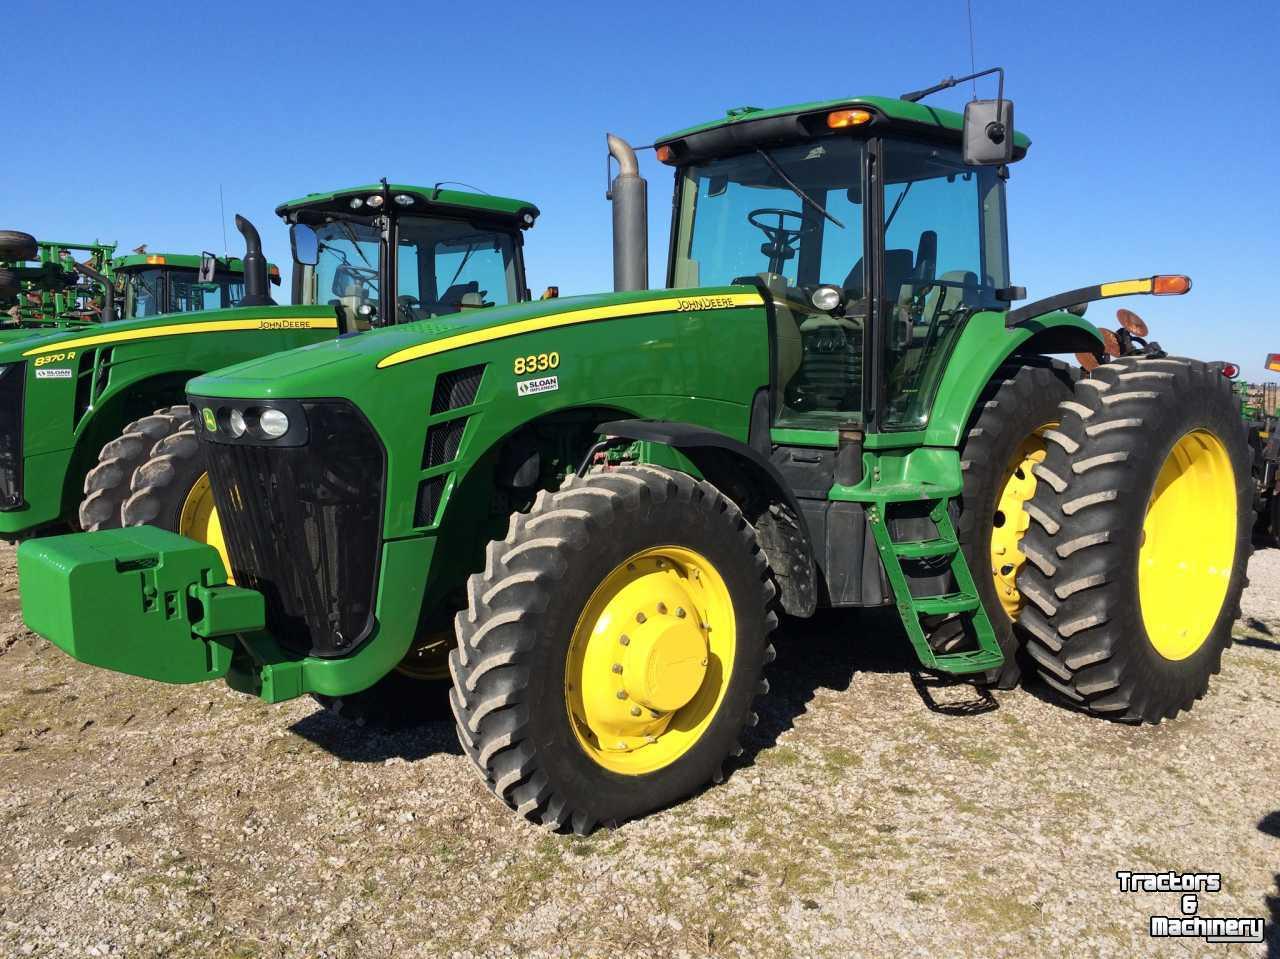 John Deere 8330 ROW CROP TRACTOR - Used Tractors - 2006 ...